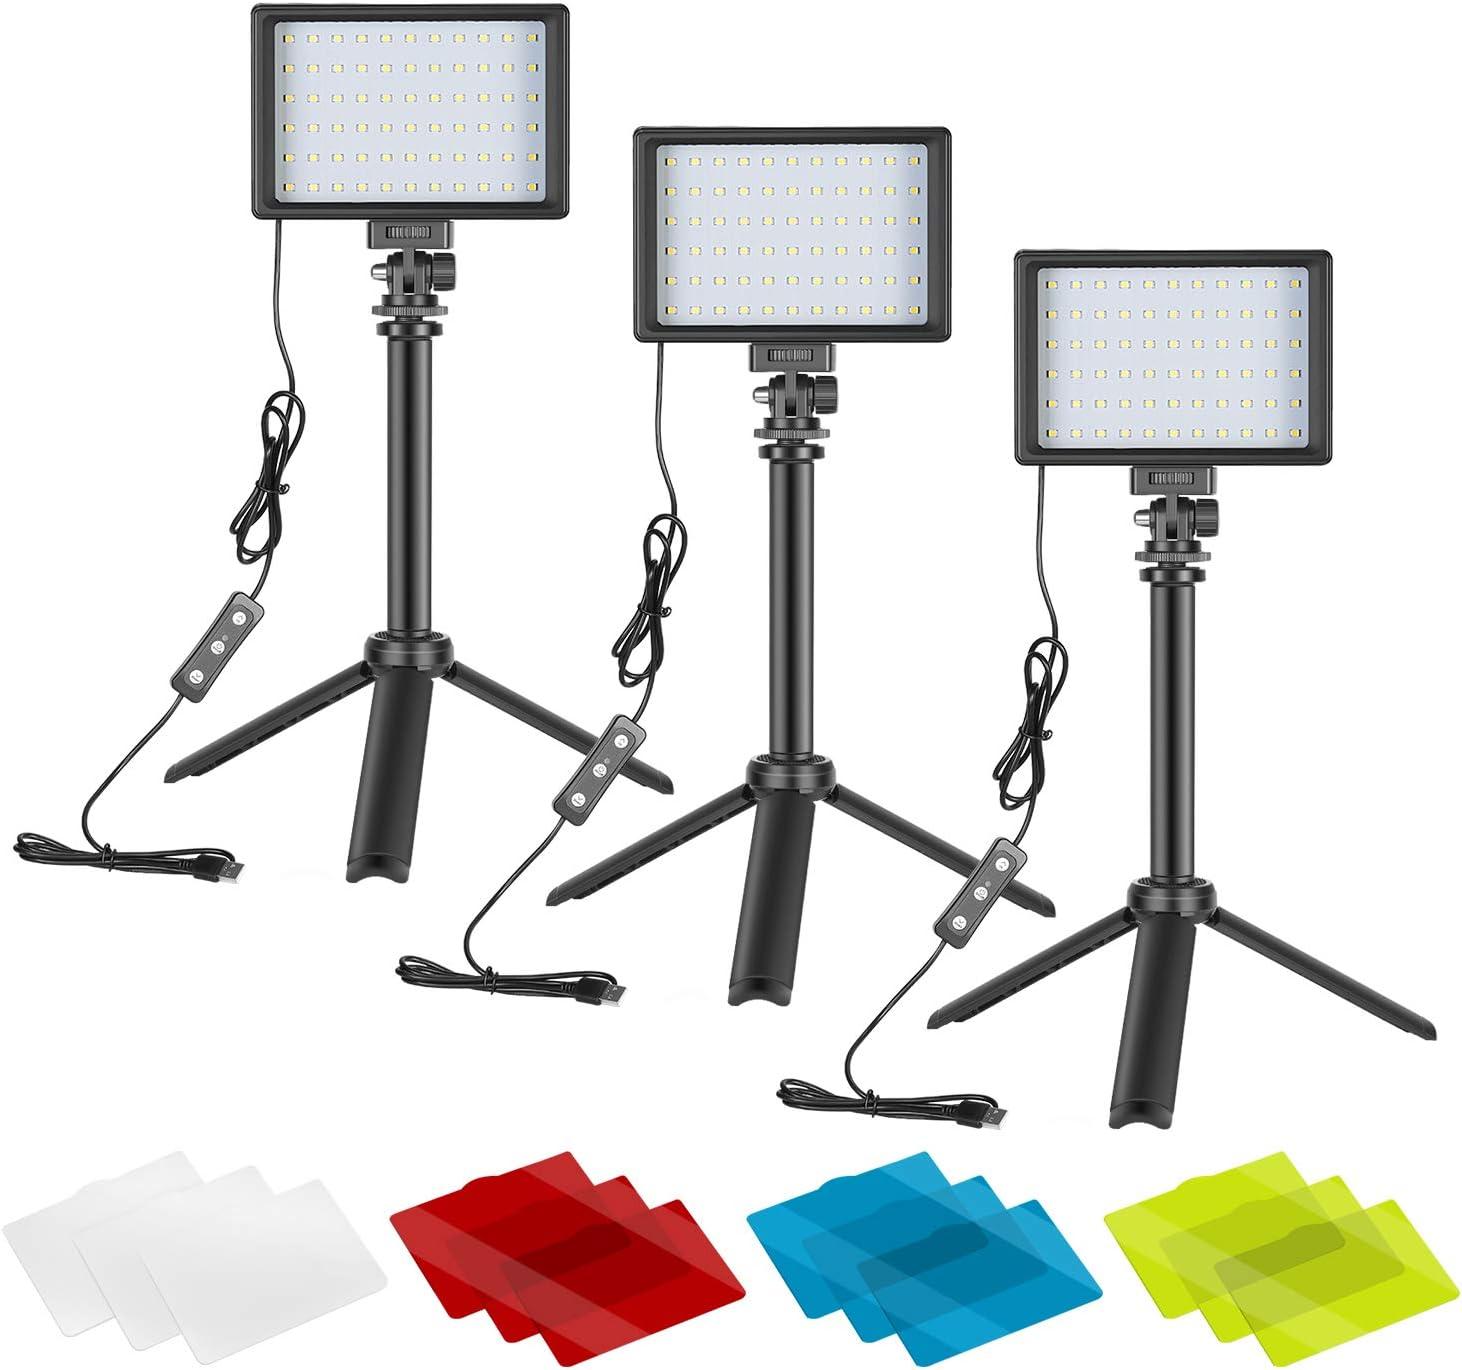 Neewer 3 Pack Kit de Iluminación para Fotografía Portátil Luz de Video LED Regulable 5600K USB 66 Luz de Video LED con Mini Soporte de Trípode Plegable Ajustable y Filtros Color para Grabación Estudio